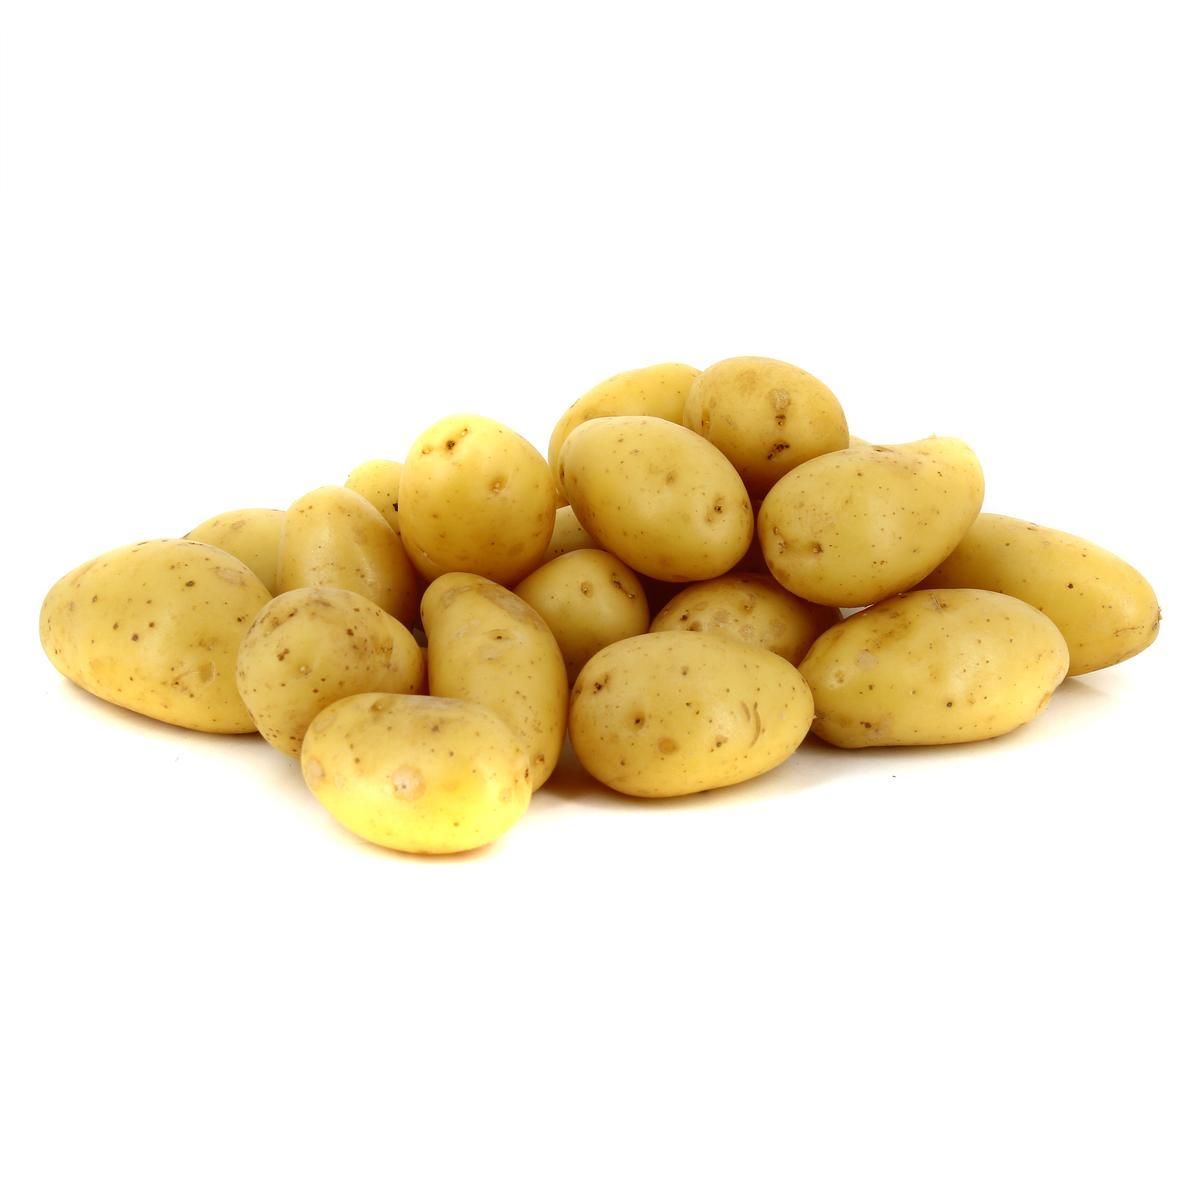 Caisse De Pomme Vide livraison à domicile pomme de terre grenaille, caisse de 6kg